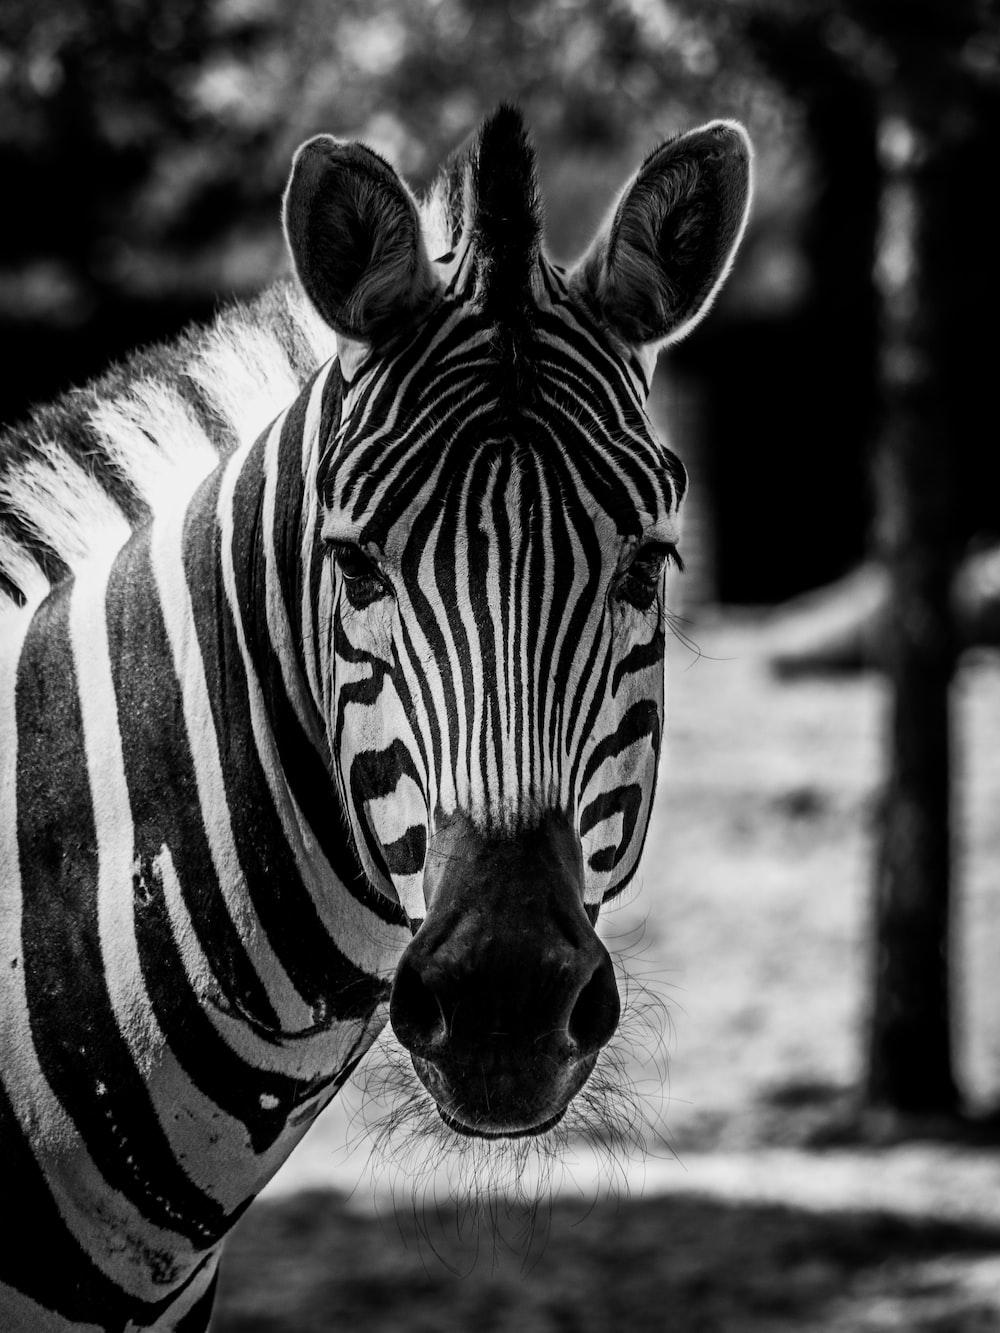 grayscale photo of zebra in field